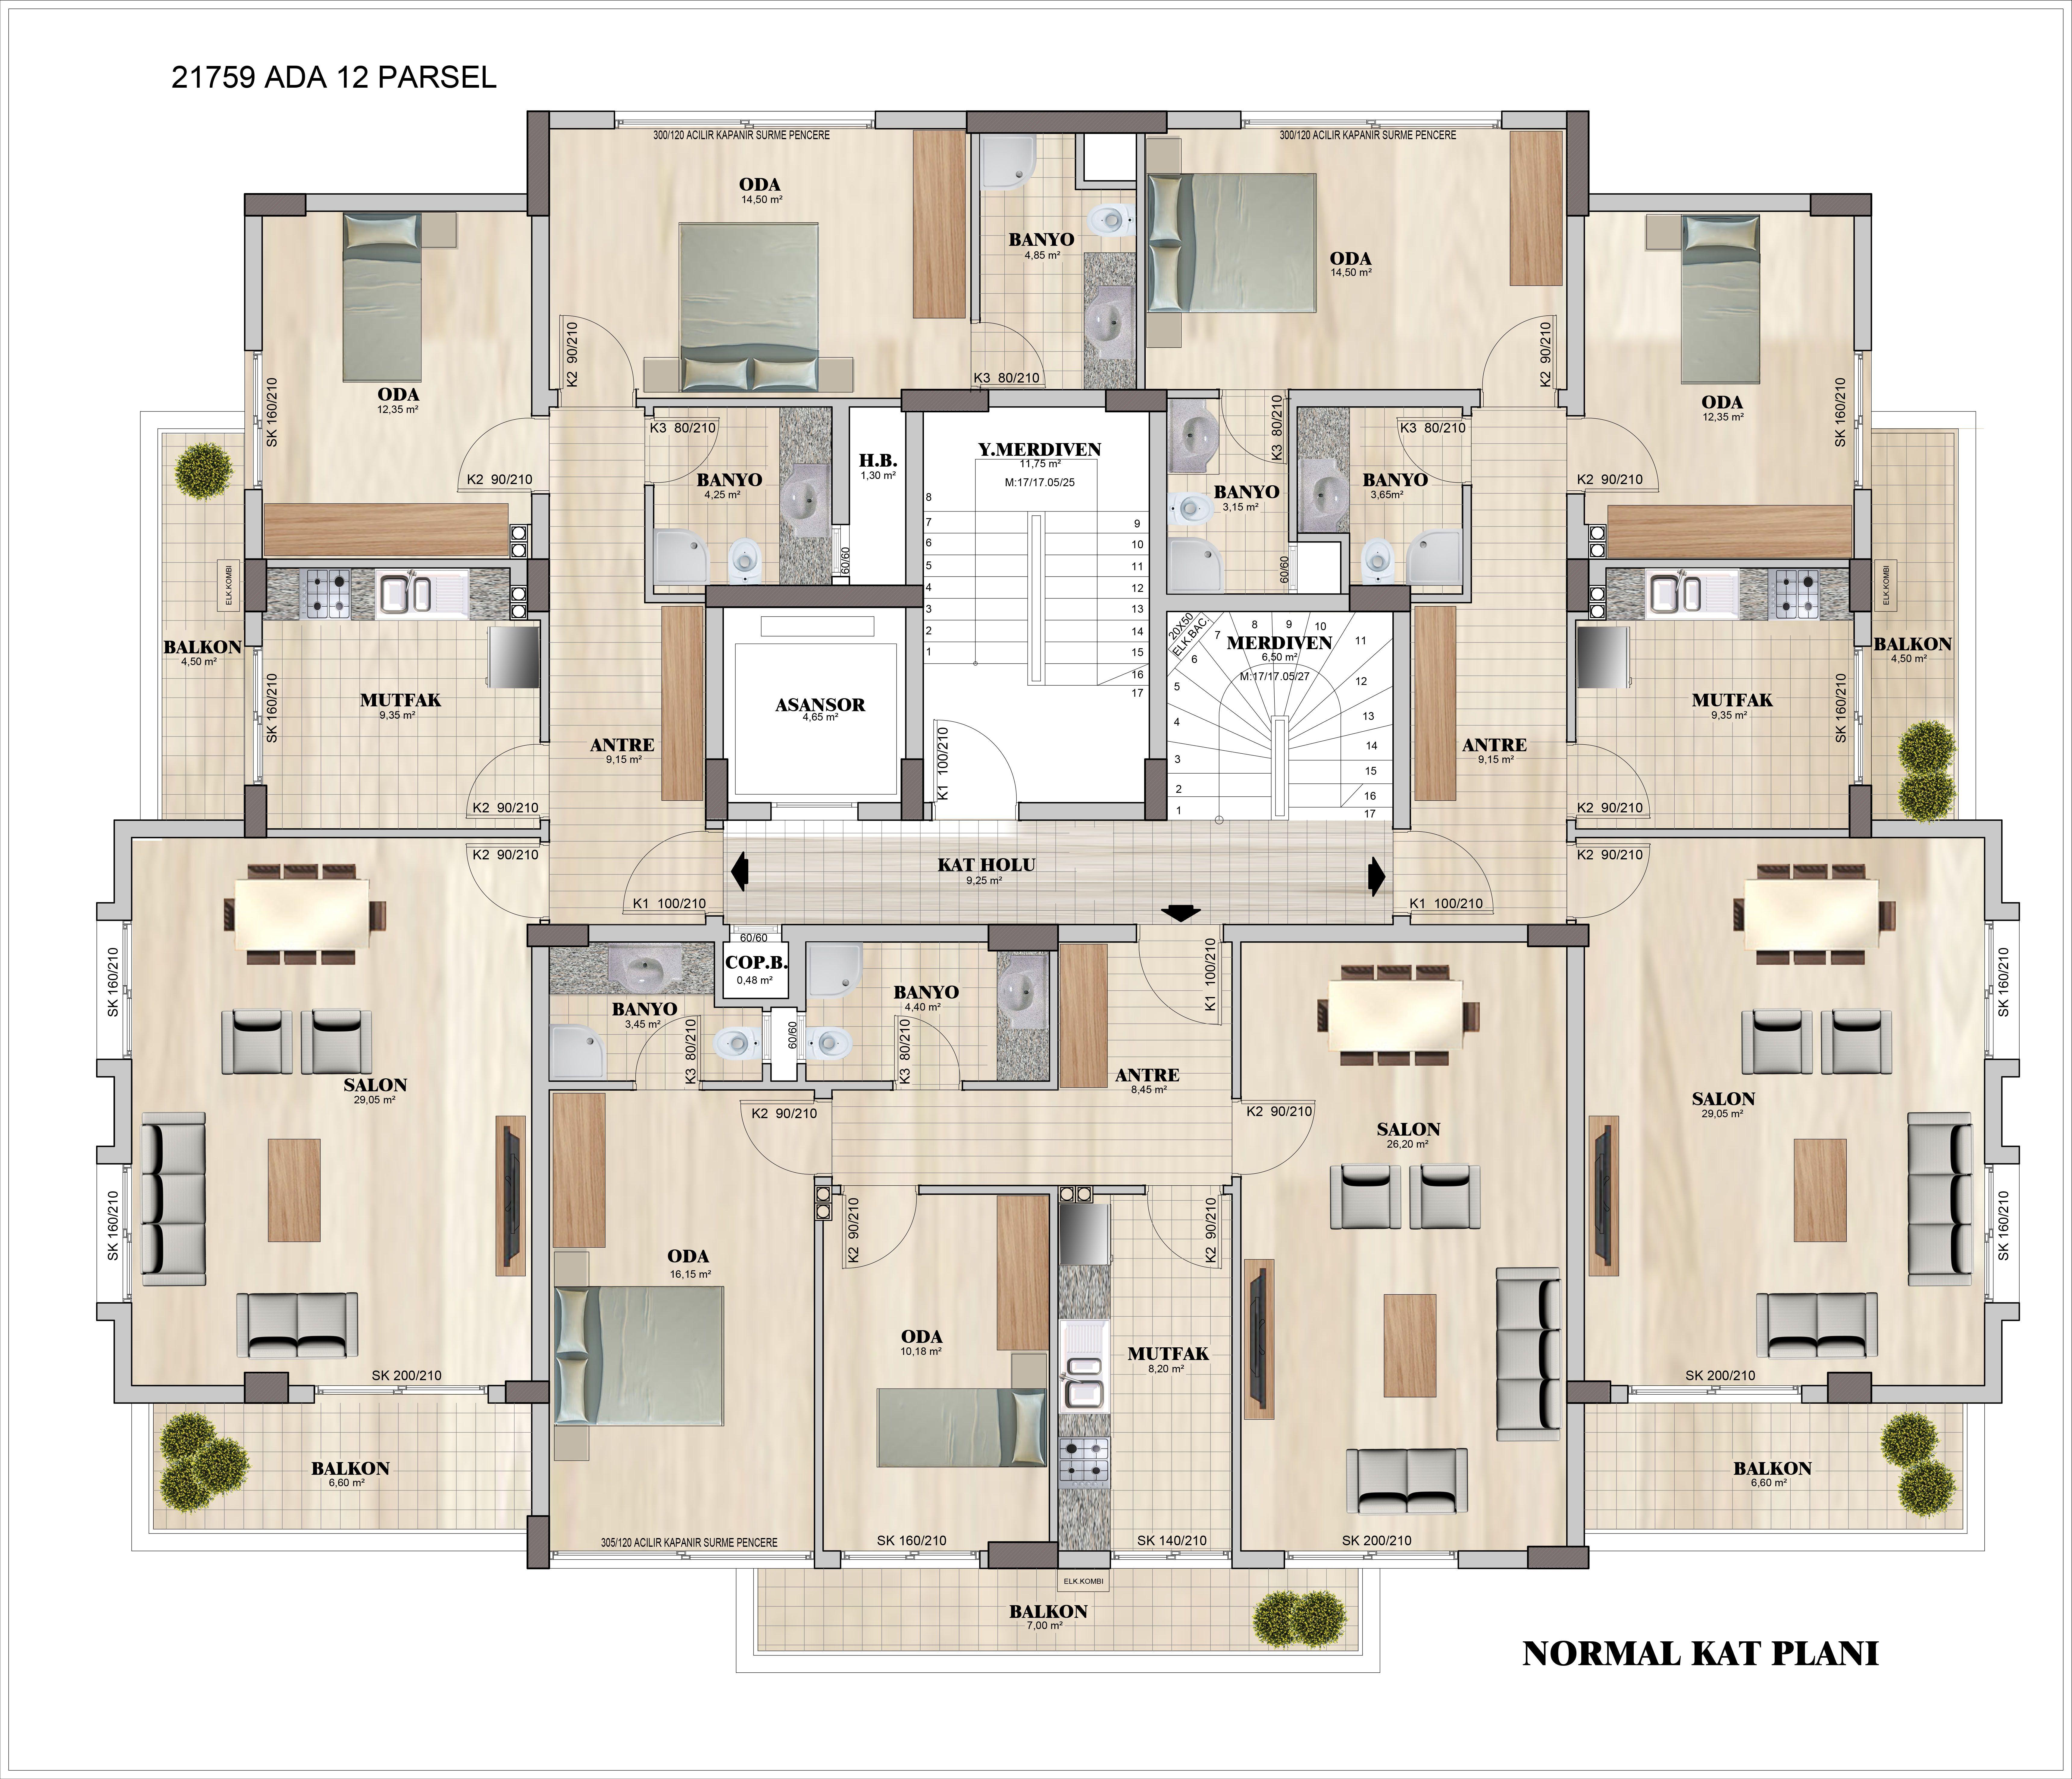 Building Plans, House Plans, Floor Plans, Architects, Buildings, Blueprints  For Homes, Architecture Drawing Plan, Building Homes, House Floor Plans